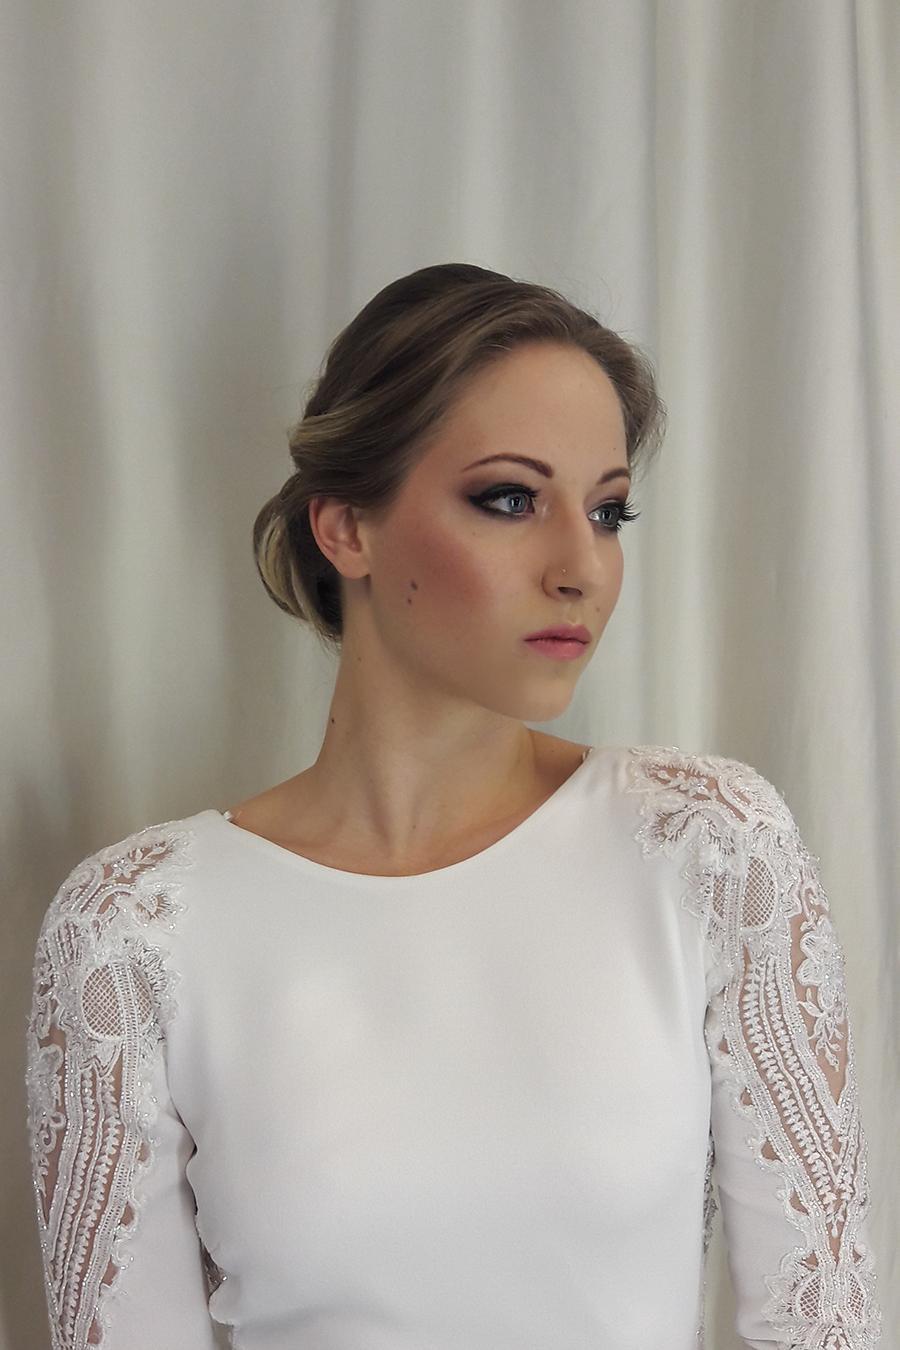 makeuperkakarink - Obrázek č. 6